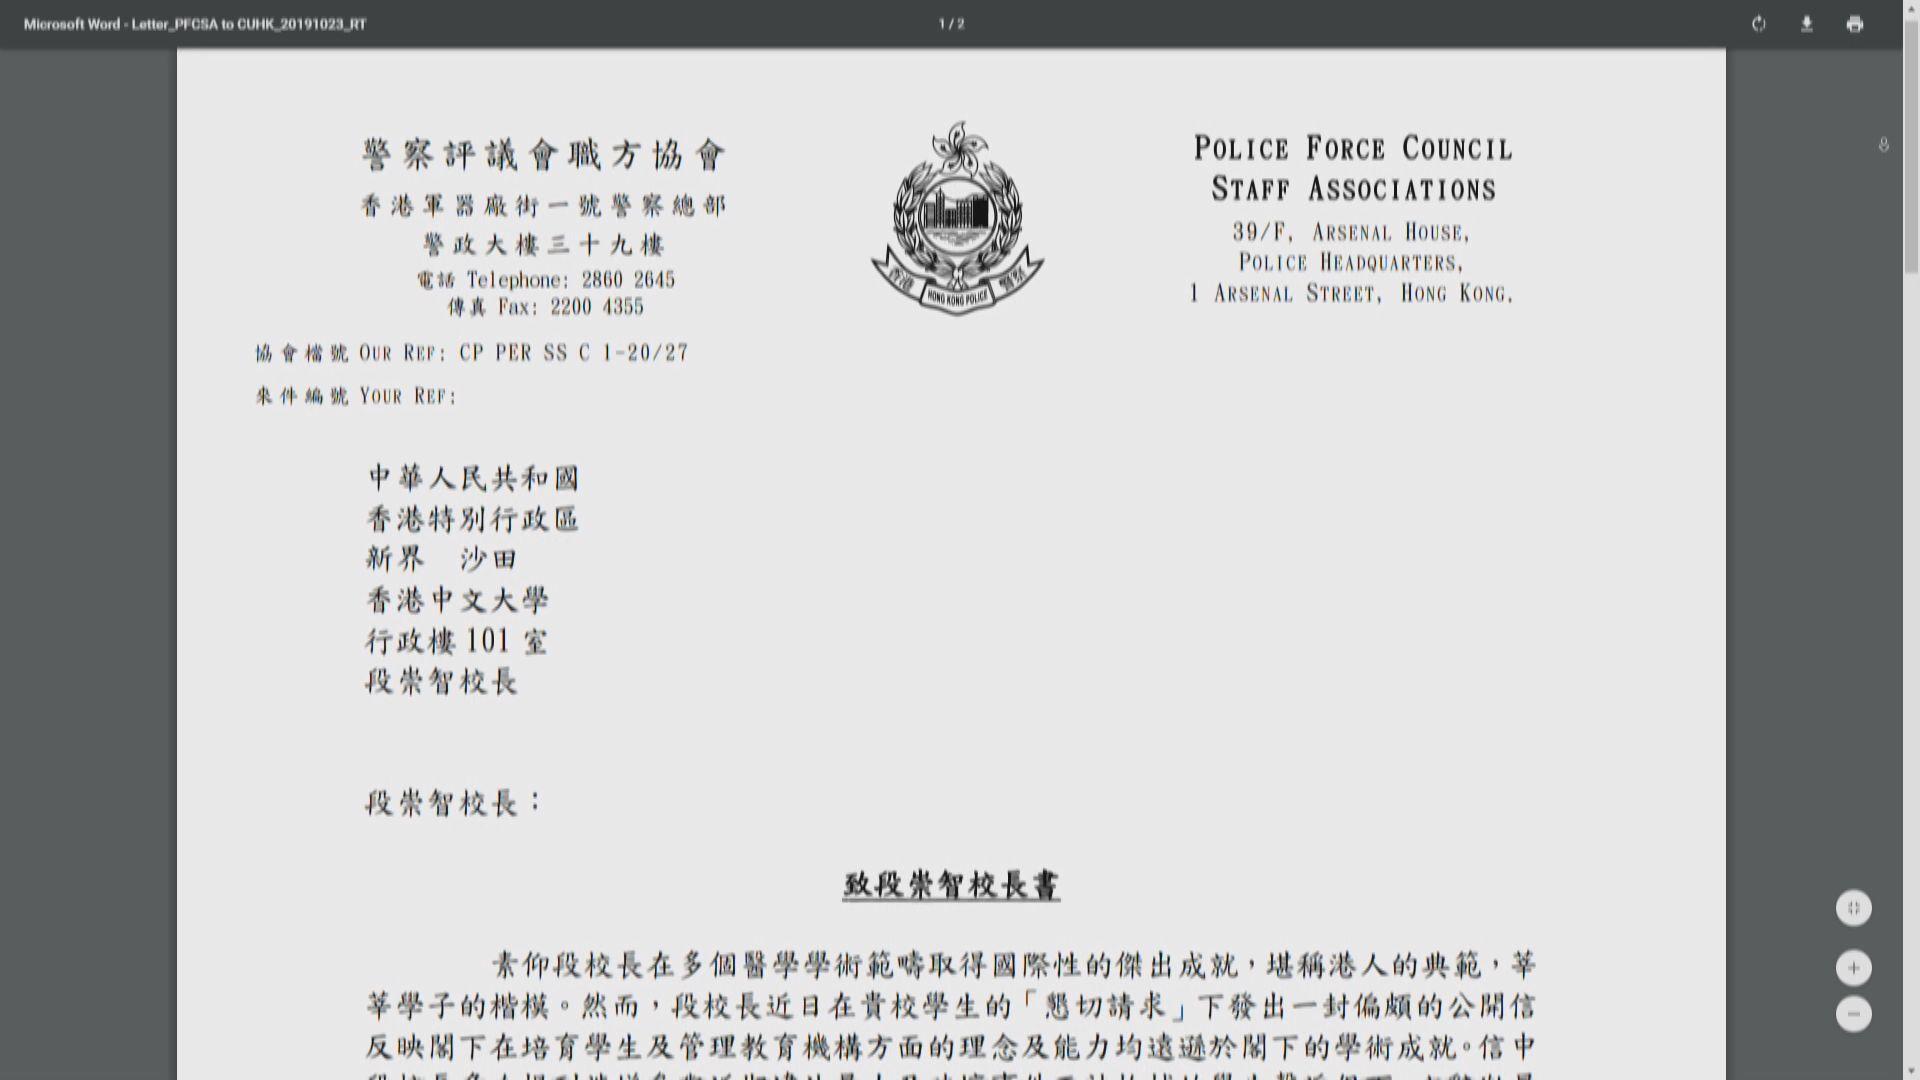 四警察協會斥段崇智公開信內容偏頗 自毀大學公信力